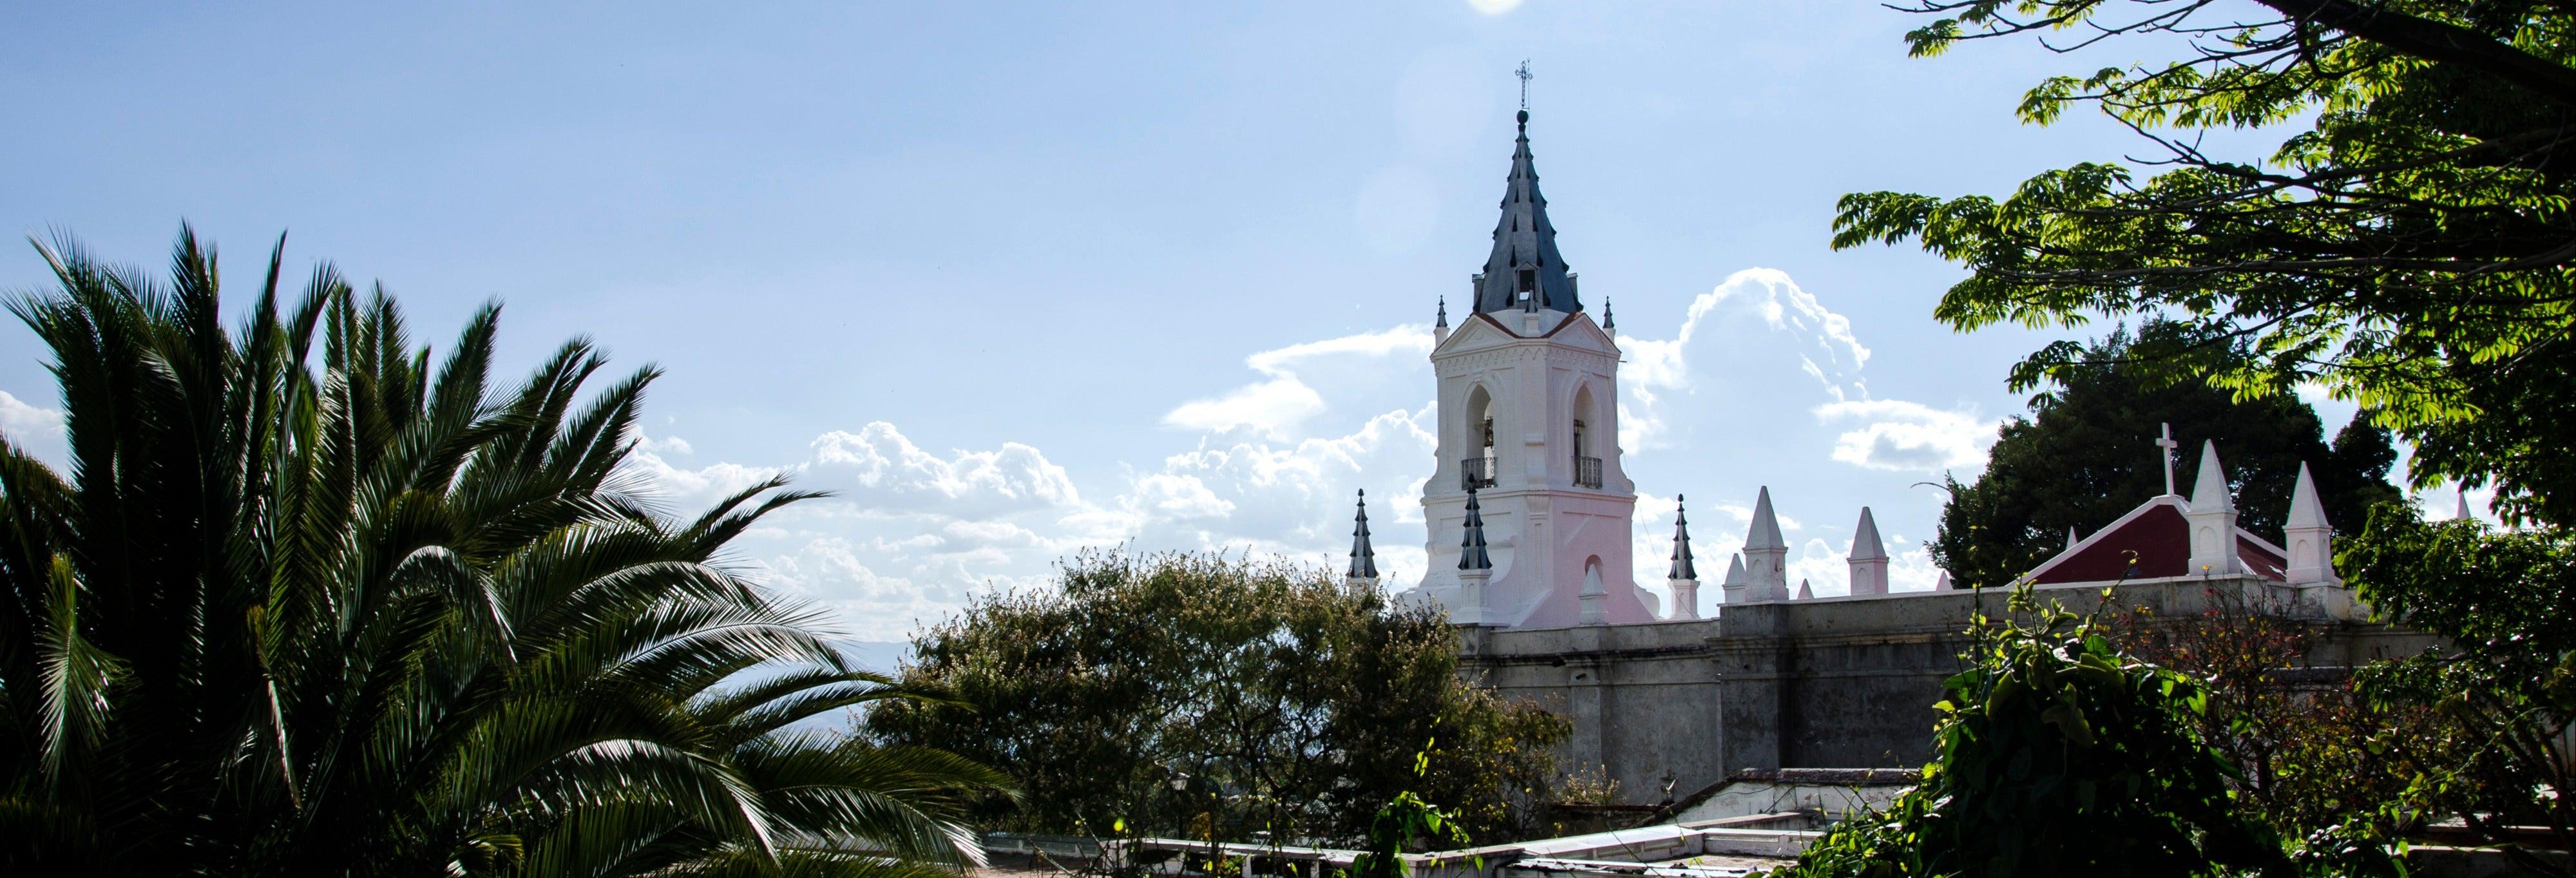 Excursão a San Agustín de Etla